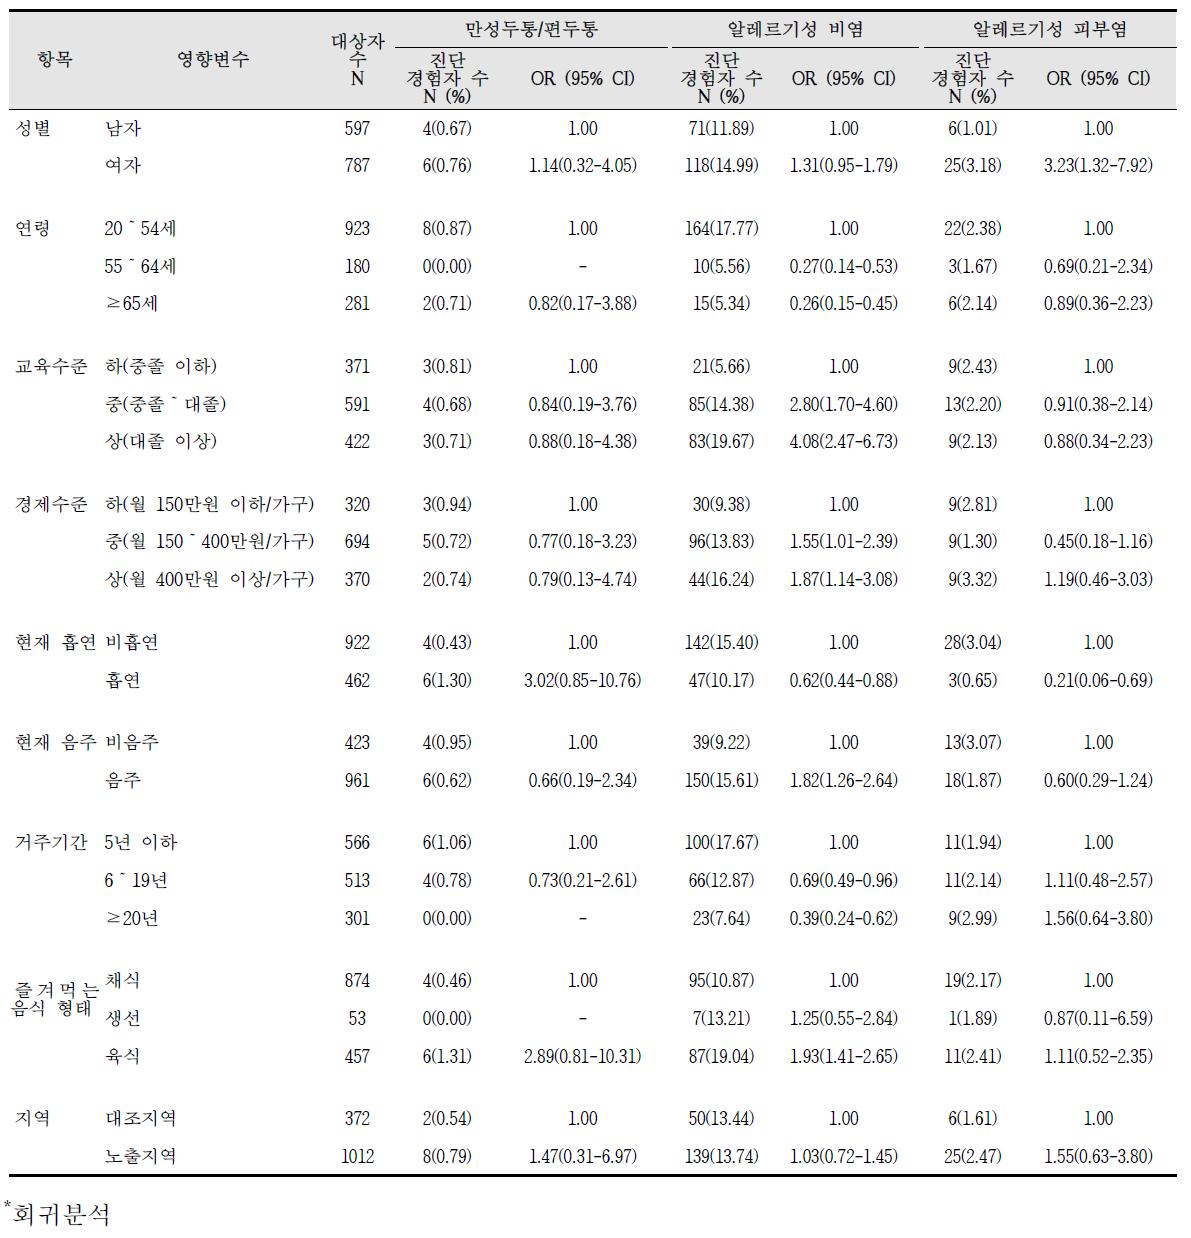 청주산업단지 만성질환 진단의 영향요인 분석 결과(4)